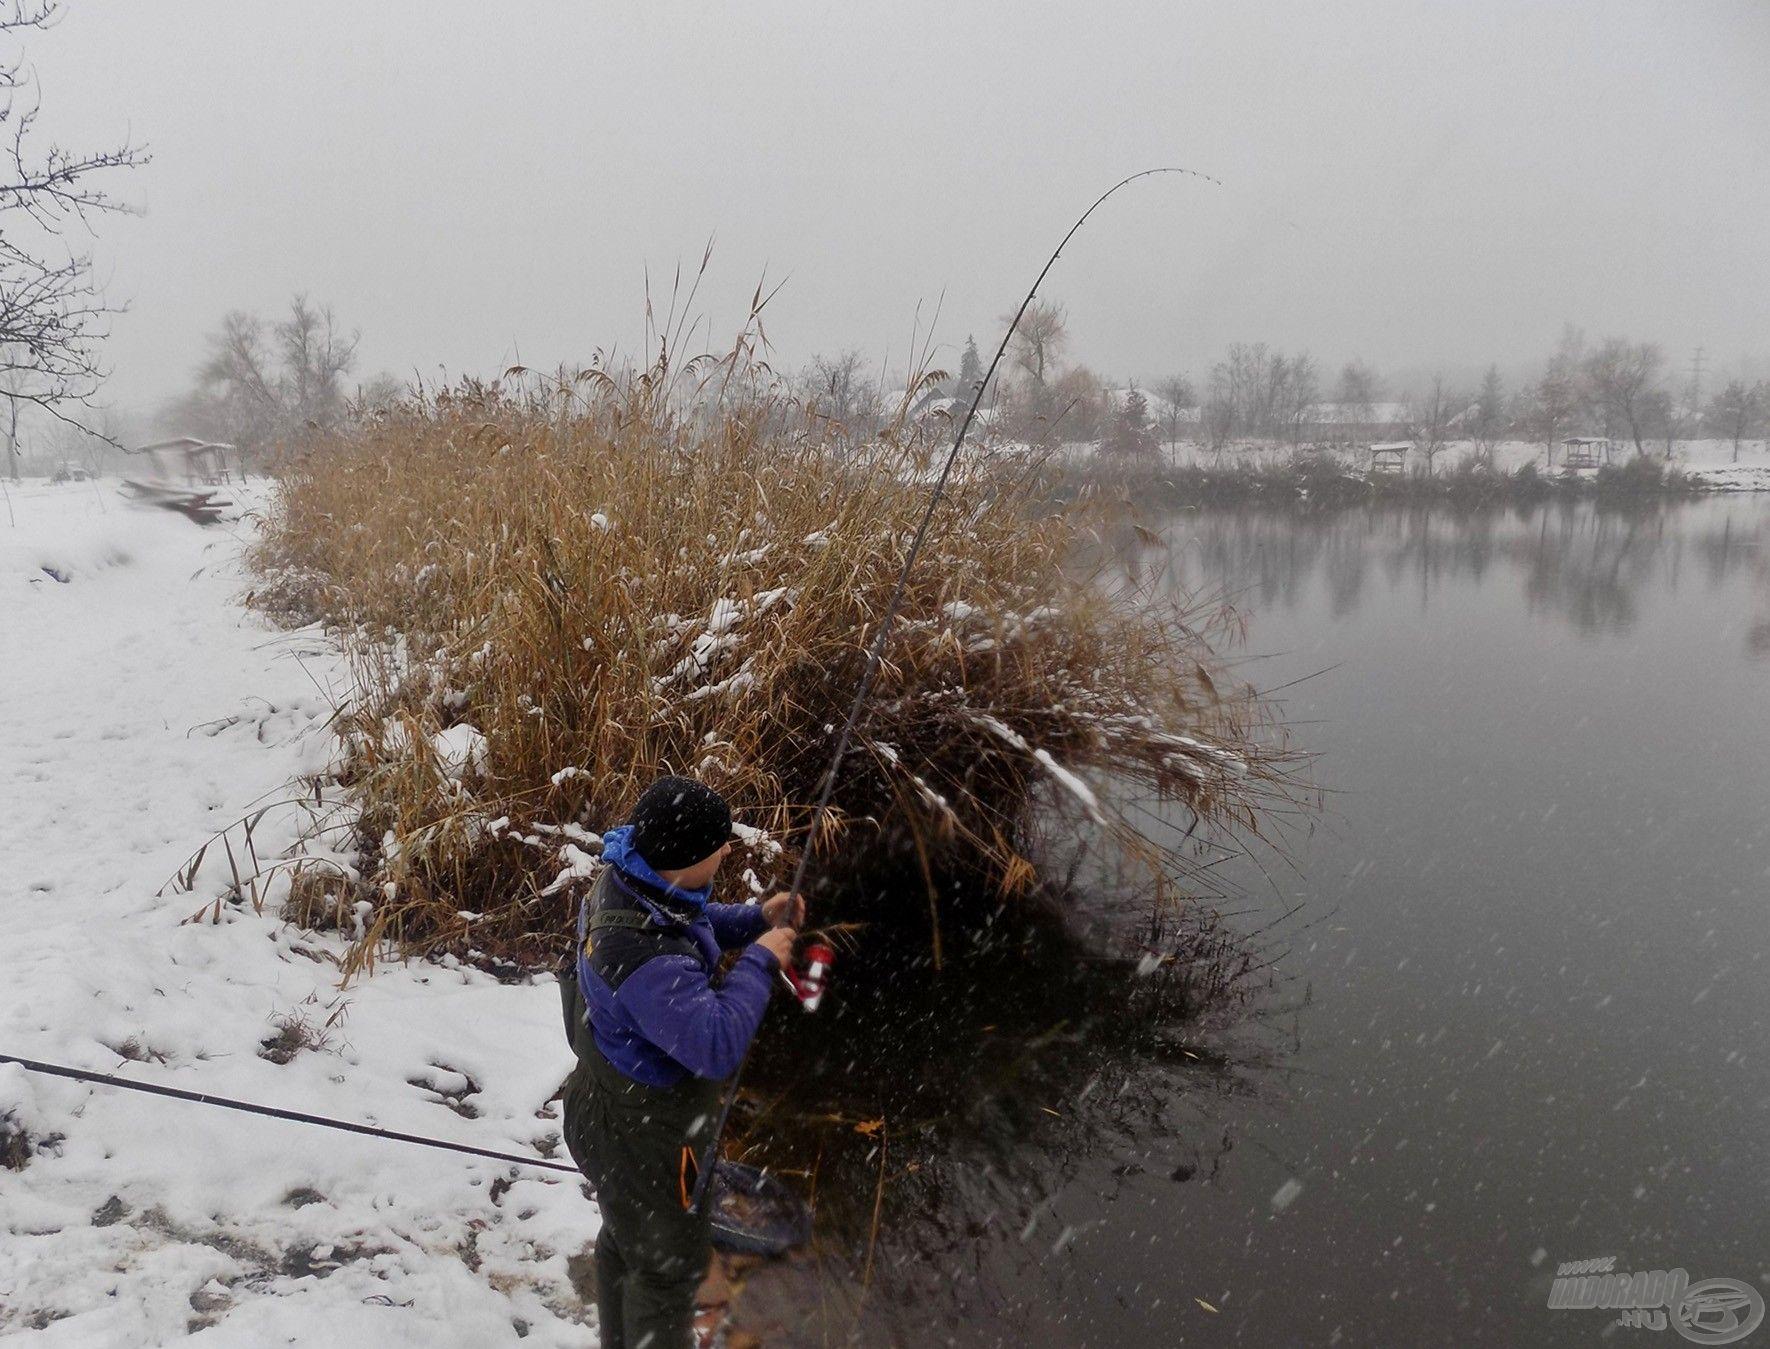 Túlzás nélkül állíthatom, hogy felejthetetlen élményekkel gazdagodhatunk a téli horgászatok során is, ha kellően kitartóak vagyunk. Egy-egy fárasztás, halfogás teljesen felértékelődik ebben az időszakban